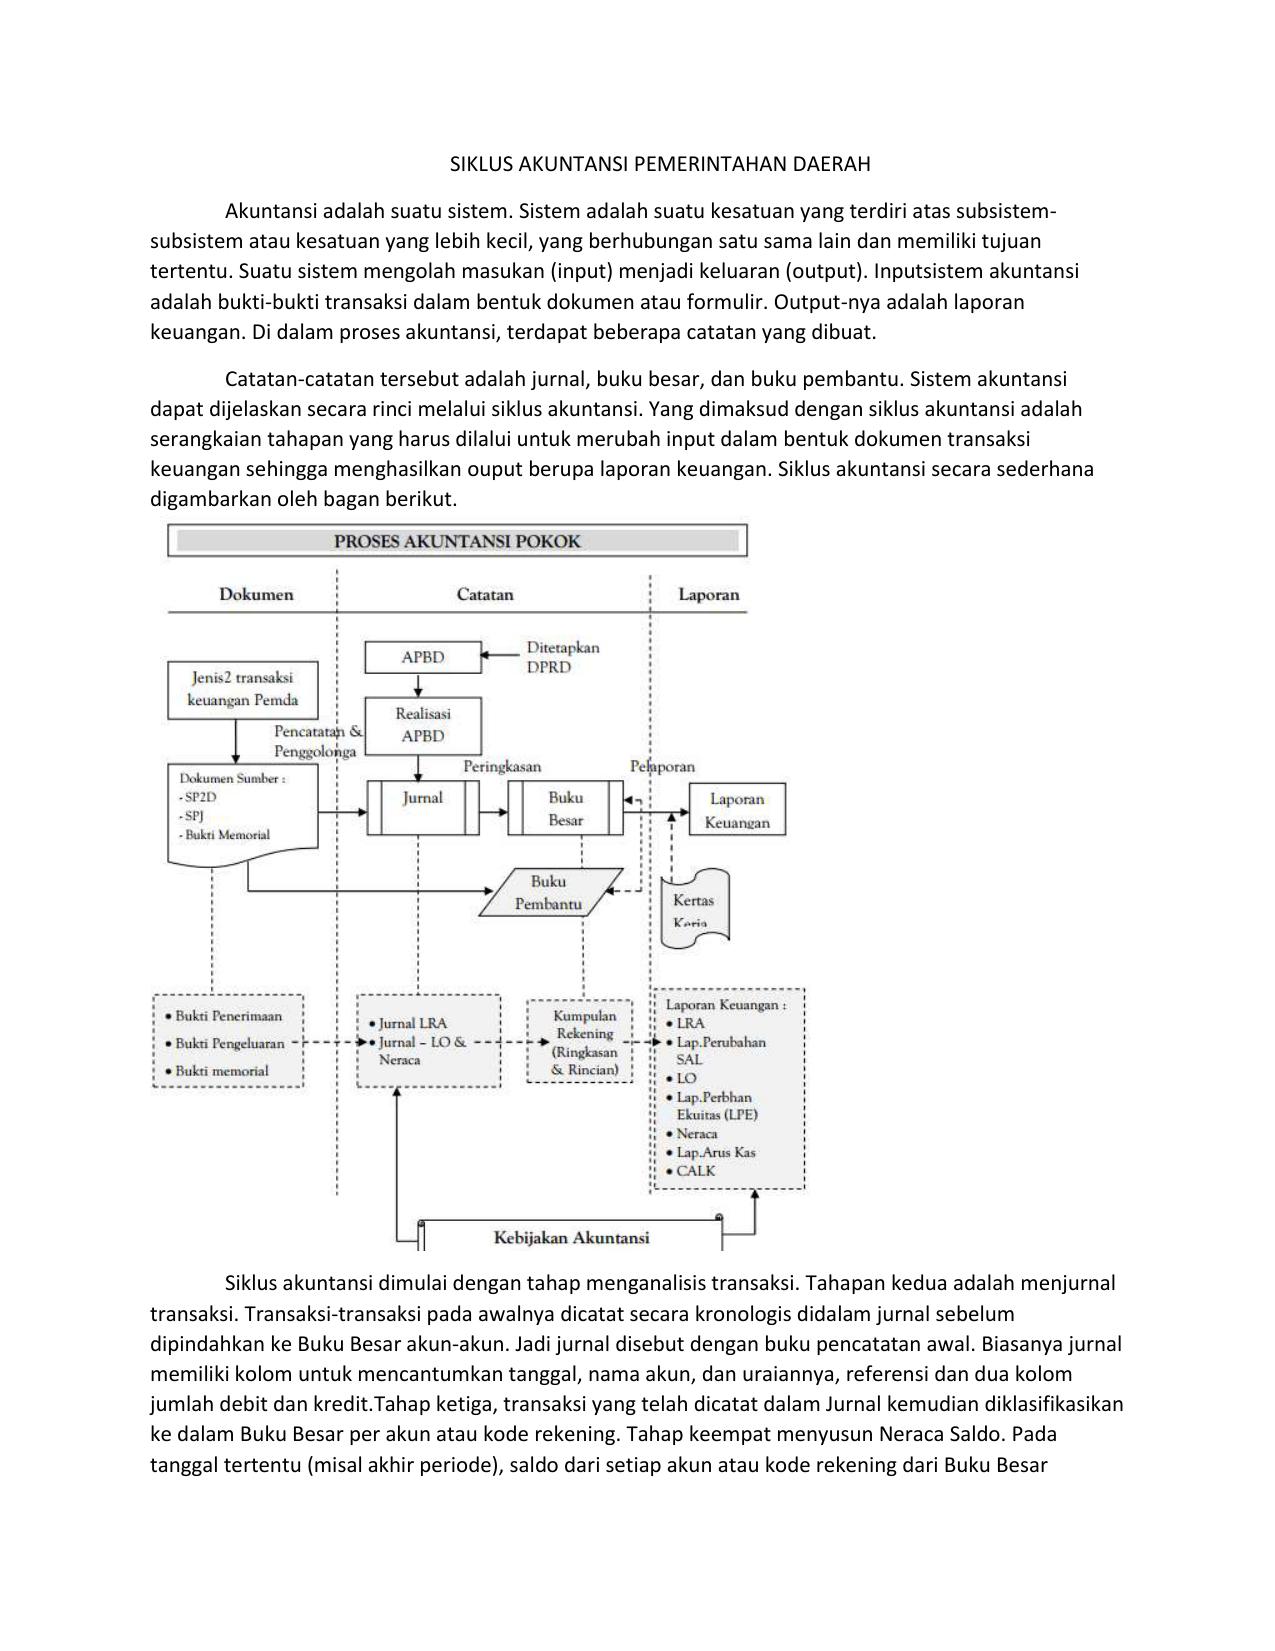 Siklus Akuntansi Pemerintahan Daerah Akuntansi Adalah